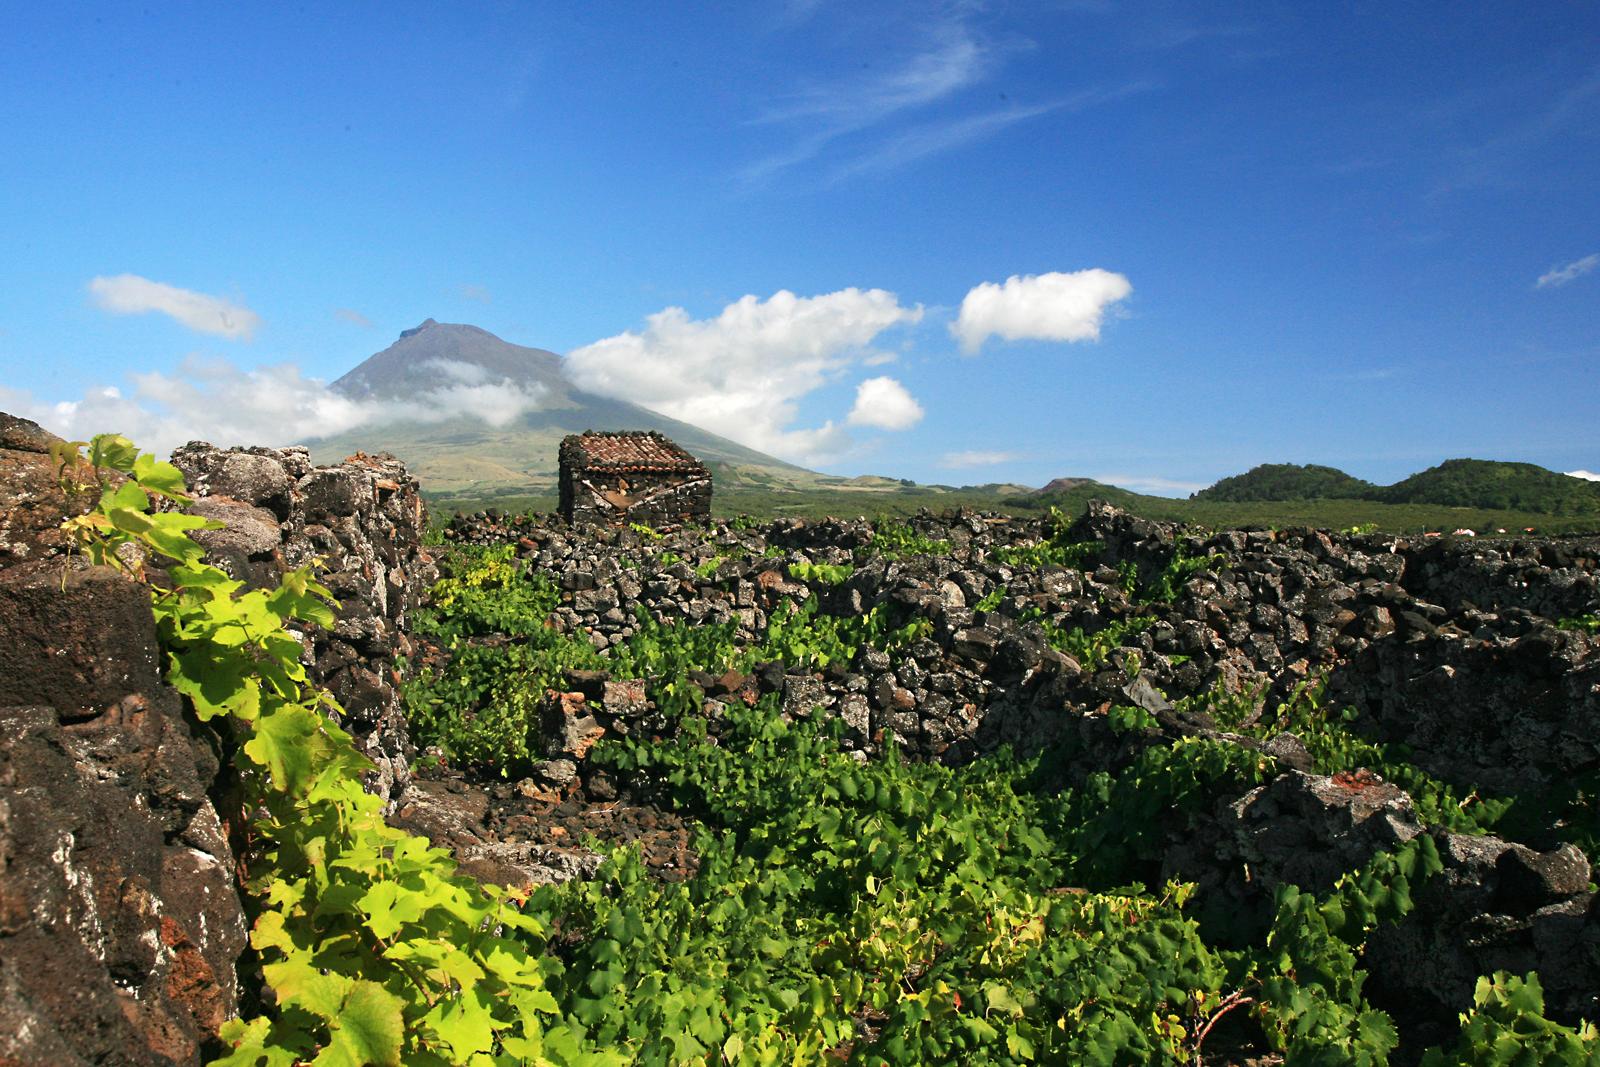 Top Azores: Chegou o Verão! 12 coisas a fazer nos Açores